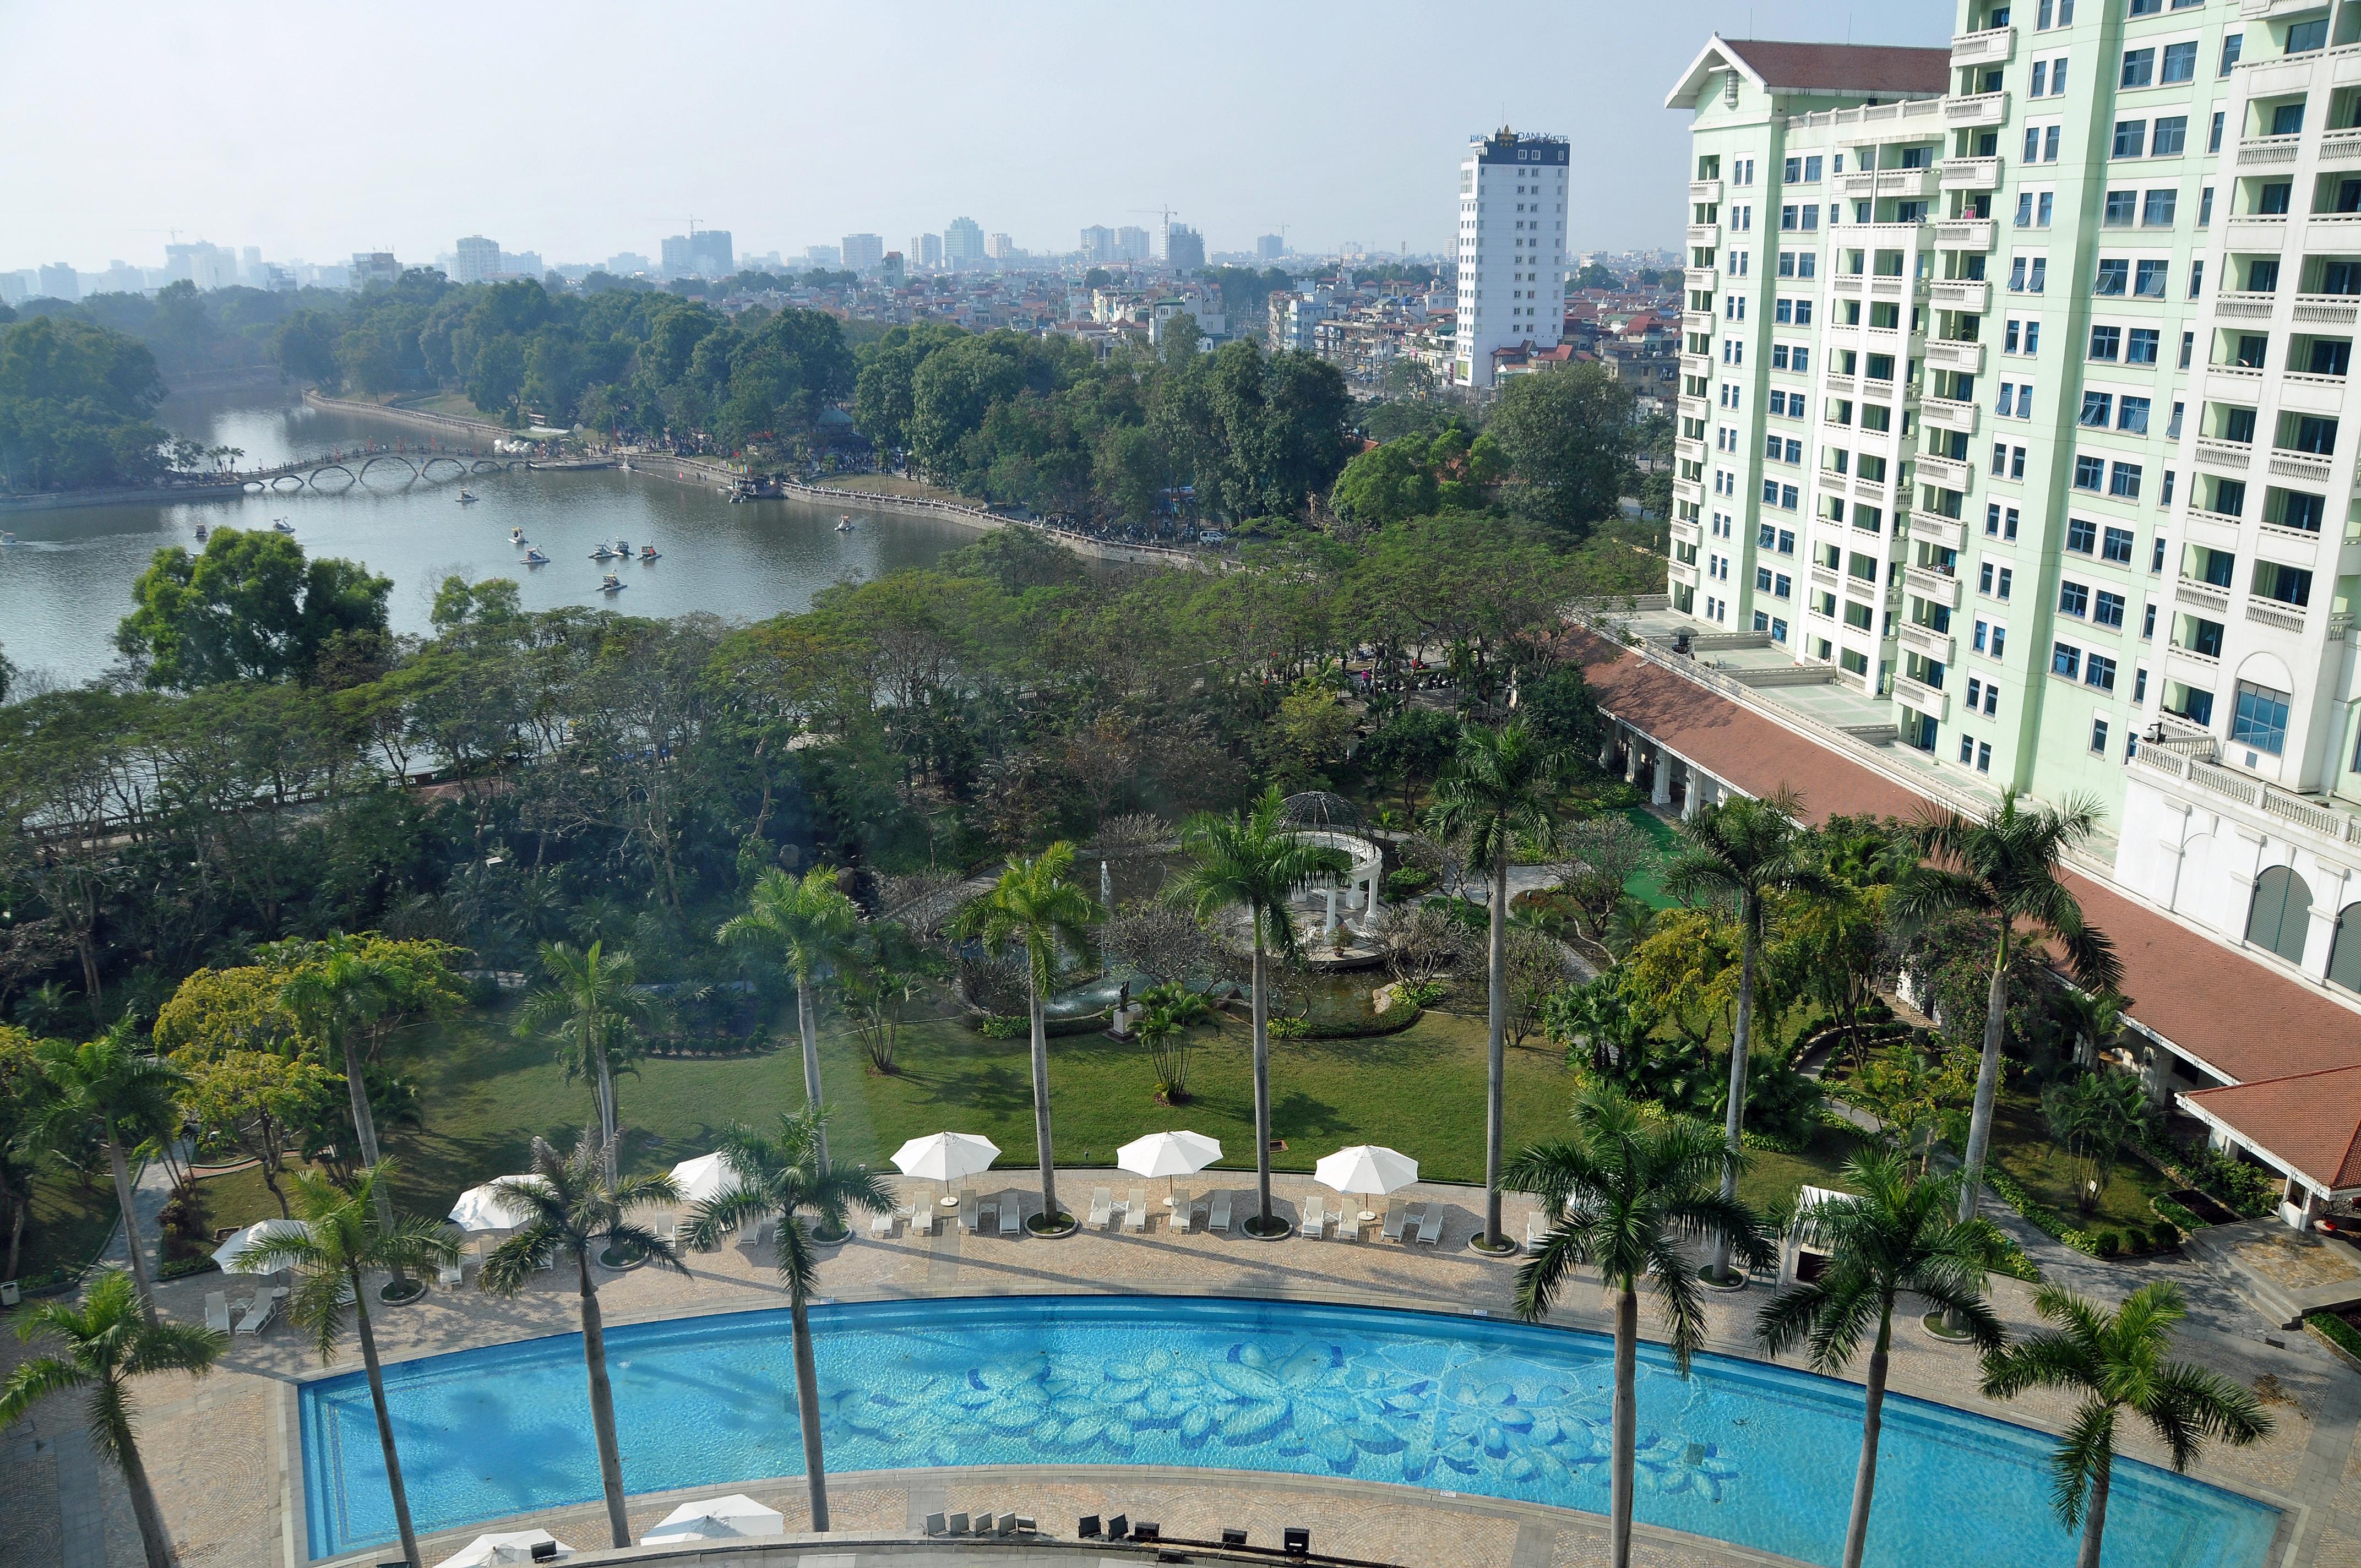 File:Hanoi Daewoo Hotel 1.jpg - Wikimedia Commons